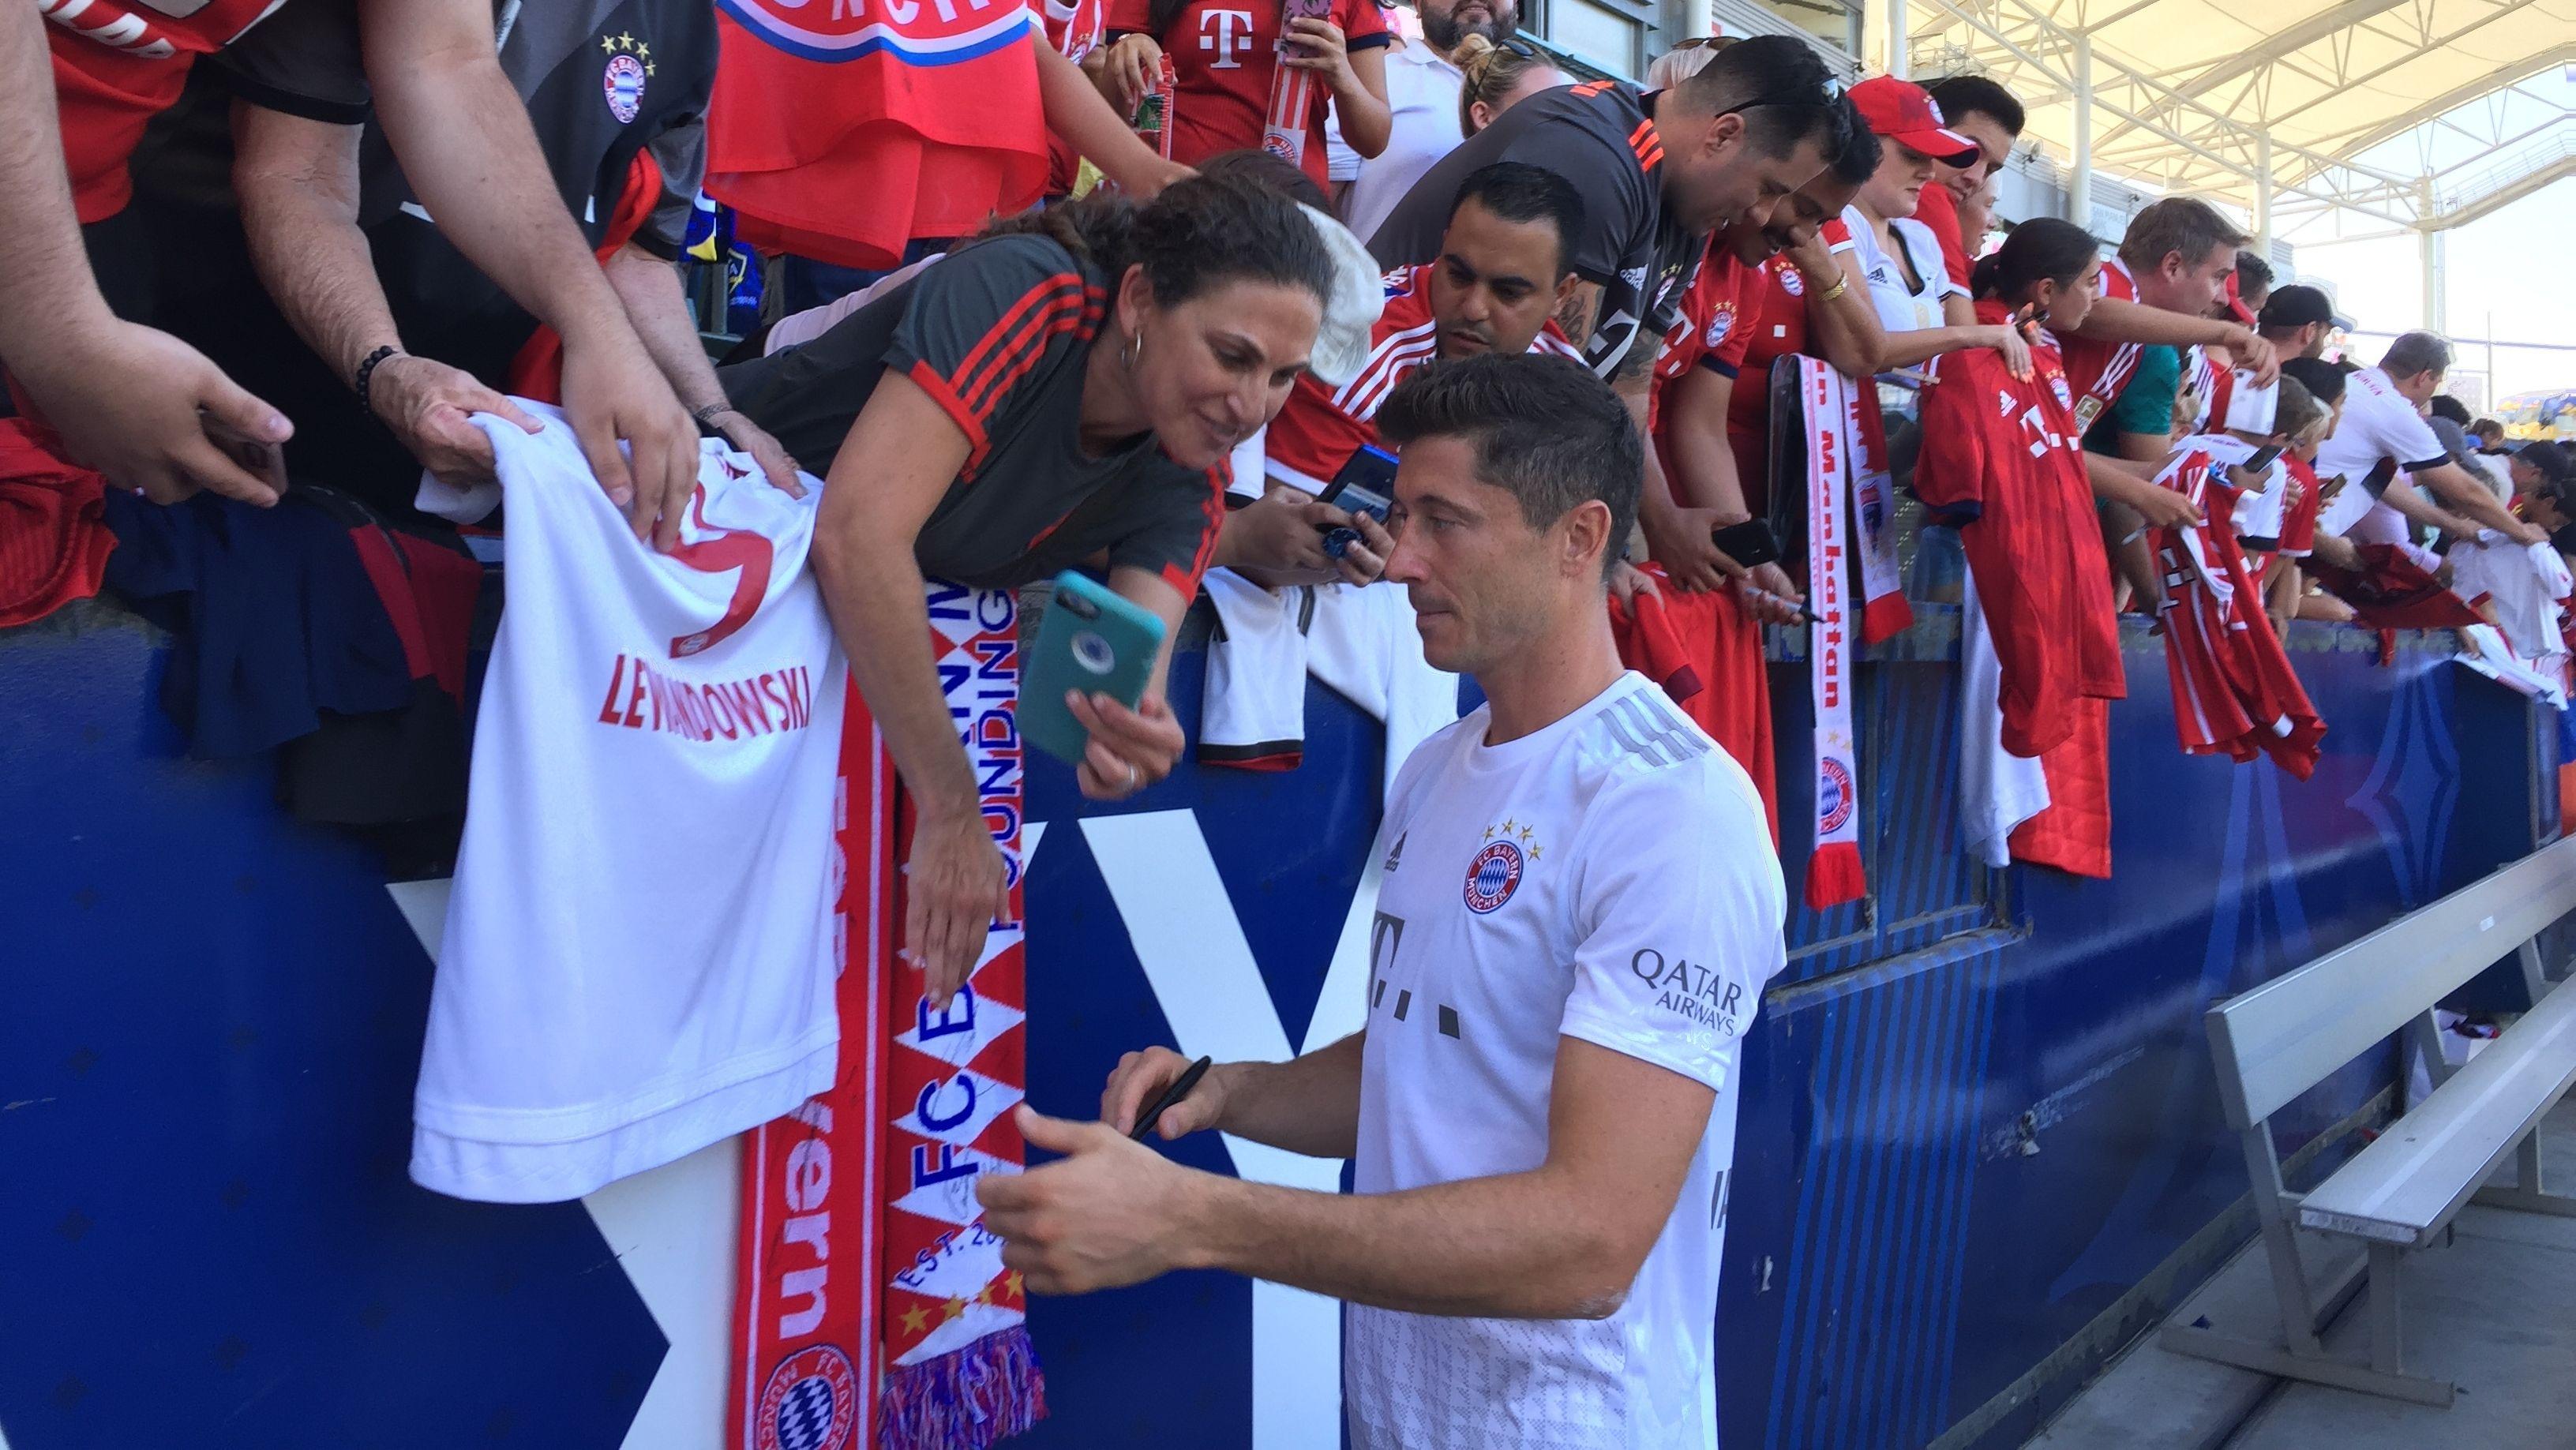 Robert Lewandowski gibt Autogramme beim Training im Stadion von Los Angeles Galaxy